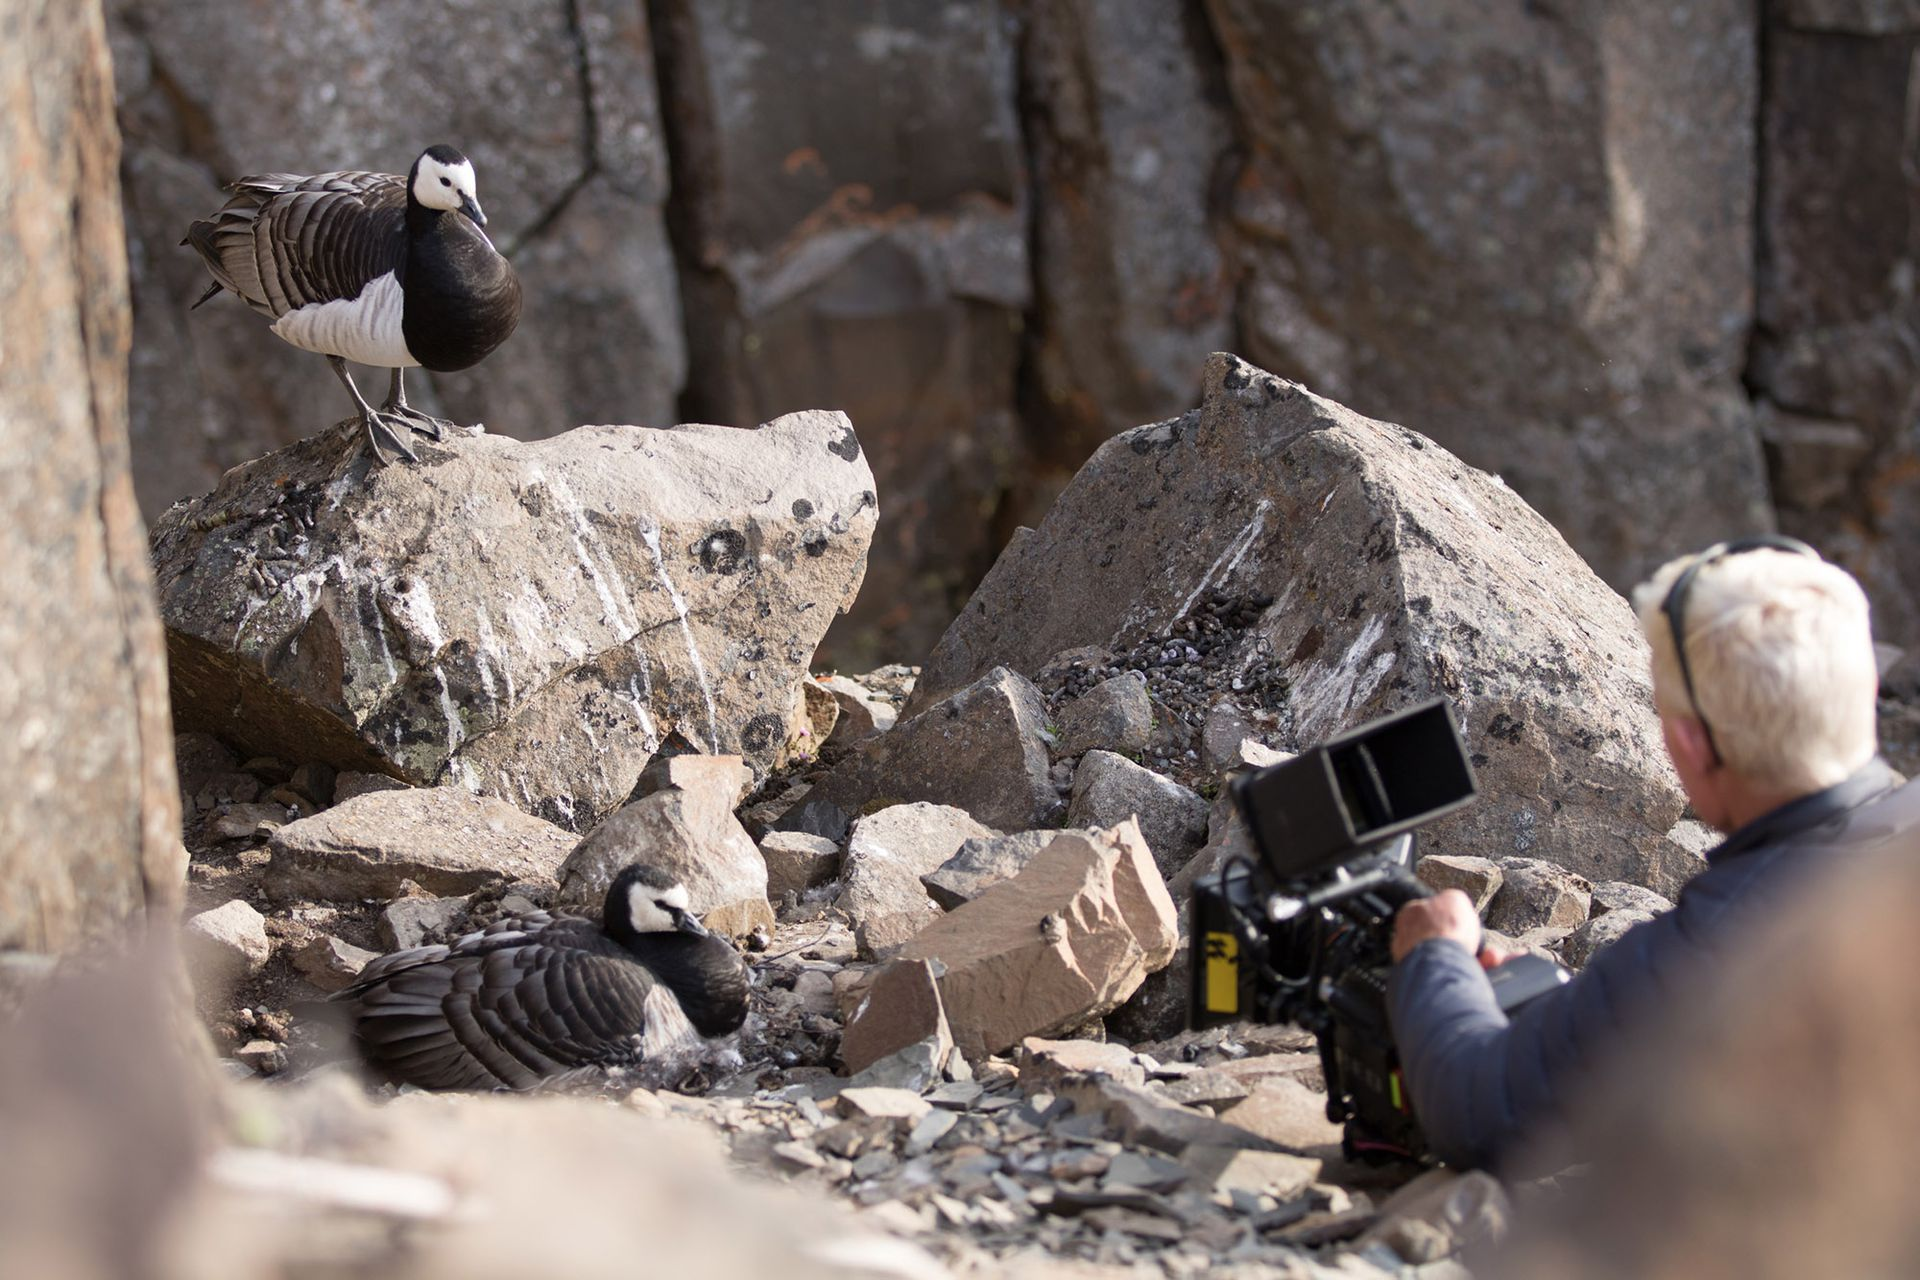 Más de 1.300 días de filmación y un equipo técnico de 245 integrantes en locación registró más 1.800 horas de material para la serie. Aquí el director Mateo Willis filmando gansos de lapa en Groenlandia.